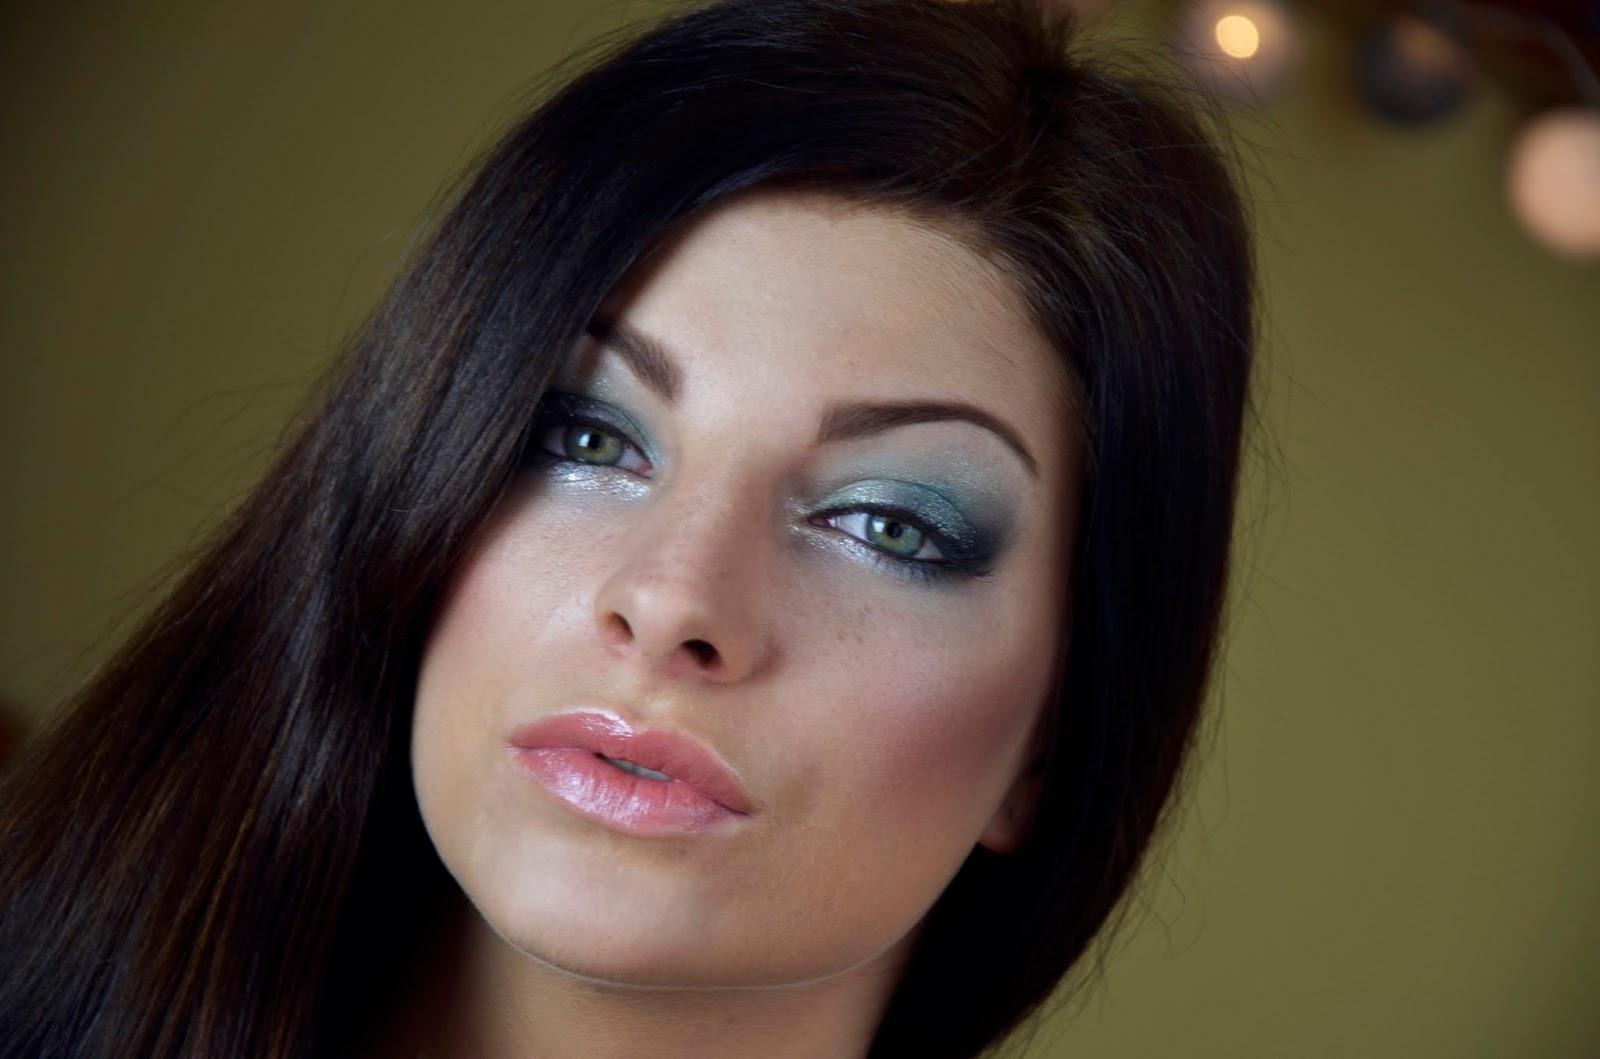 # Makijaż wieczorowy: propozycja dla szatynki